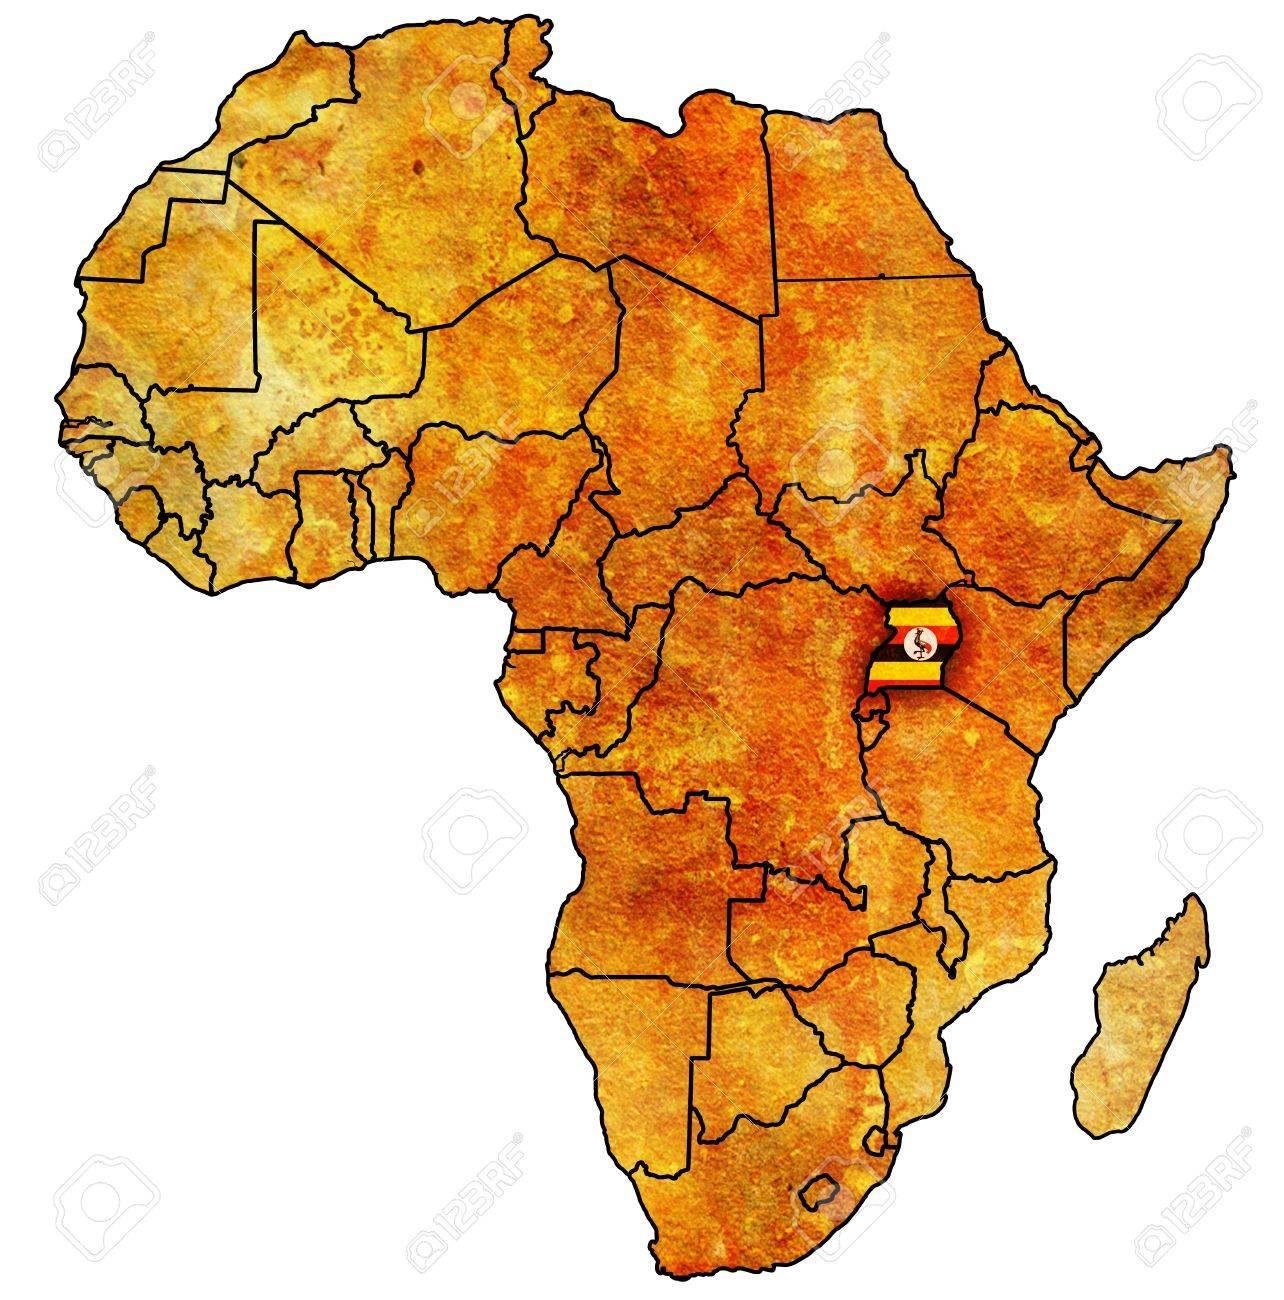 Carte Afrique Ouganda.Ouganda Reelle Carte Politique Millesime De L Afrique Avec Des Drapeaux